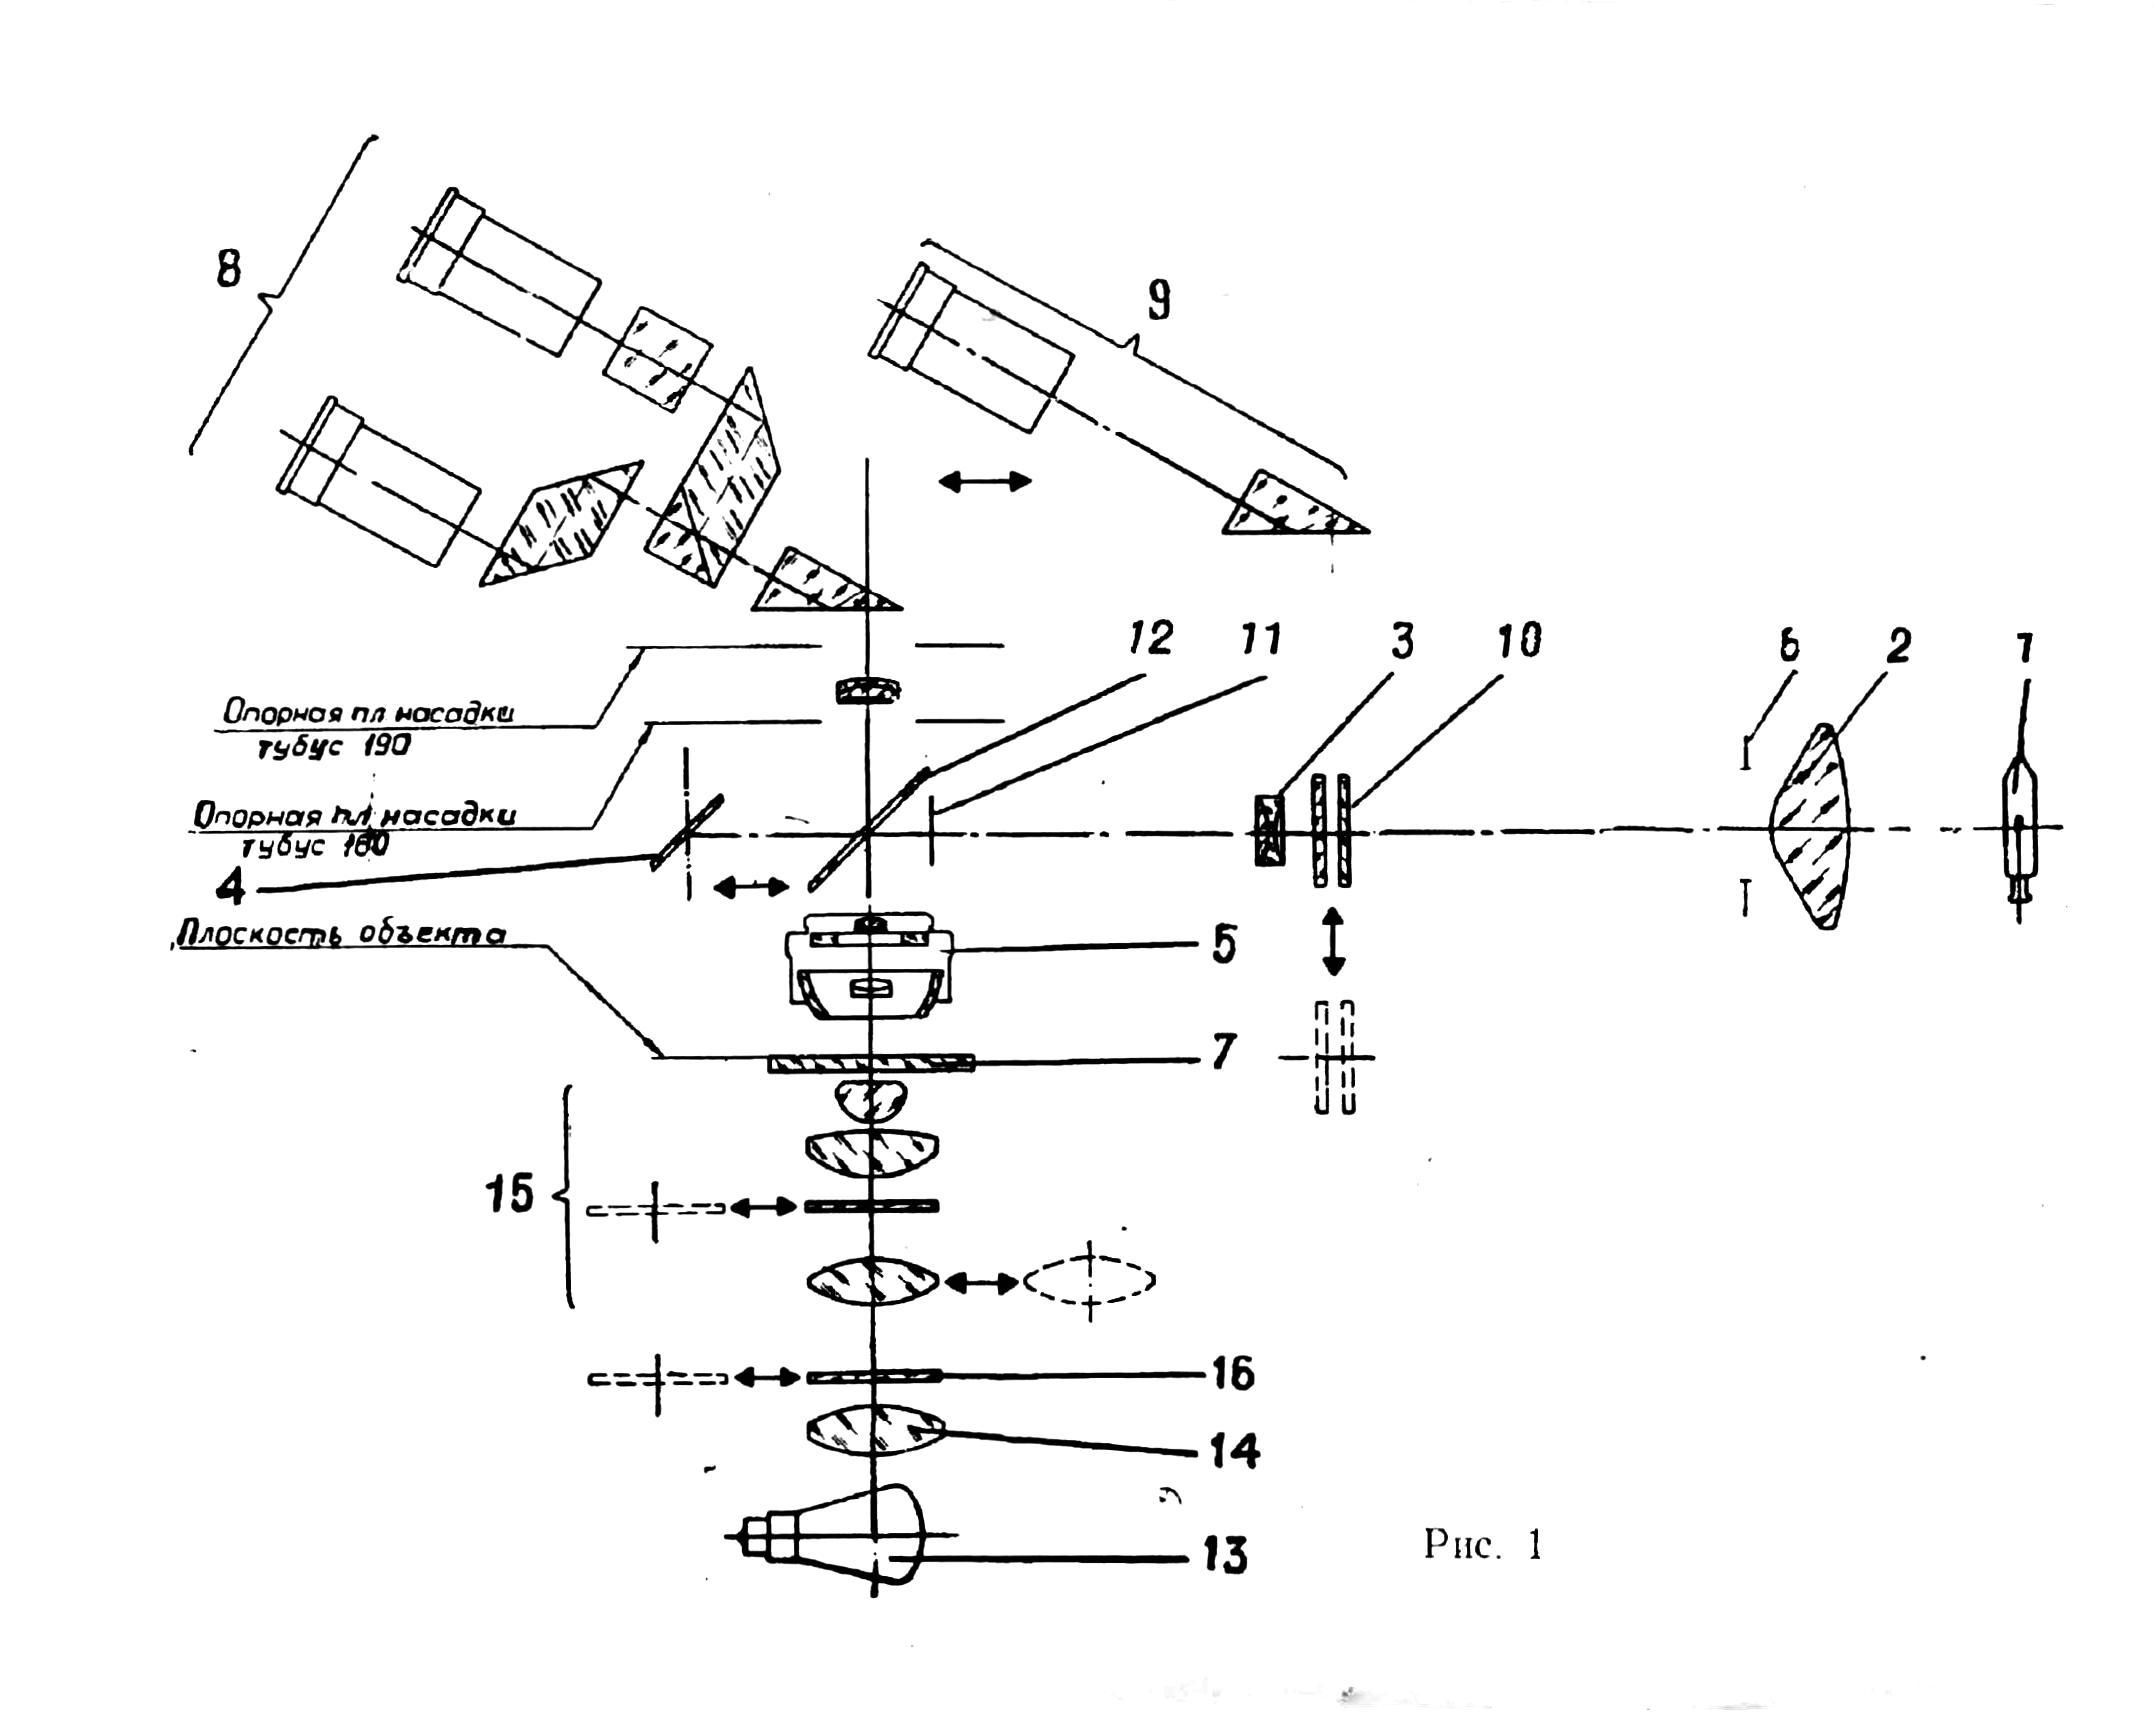 оптическая схема микроскопа биолам М рис.1